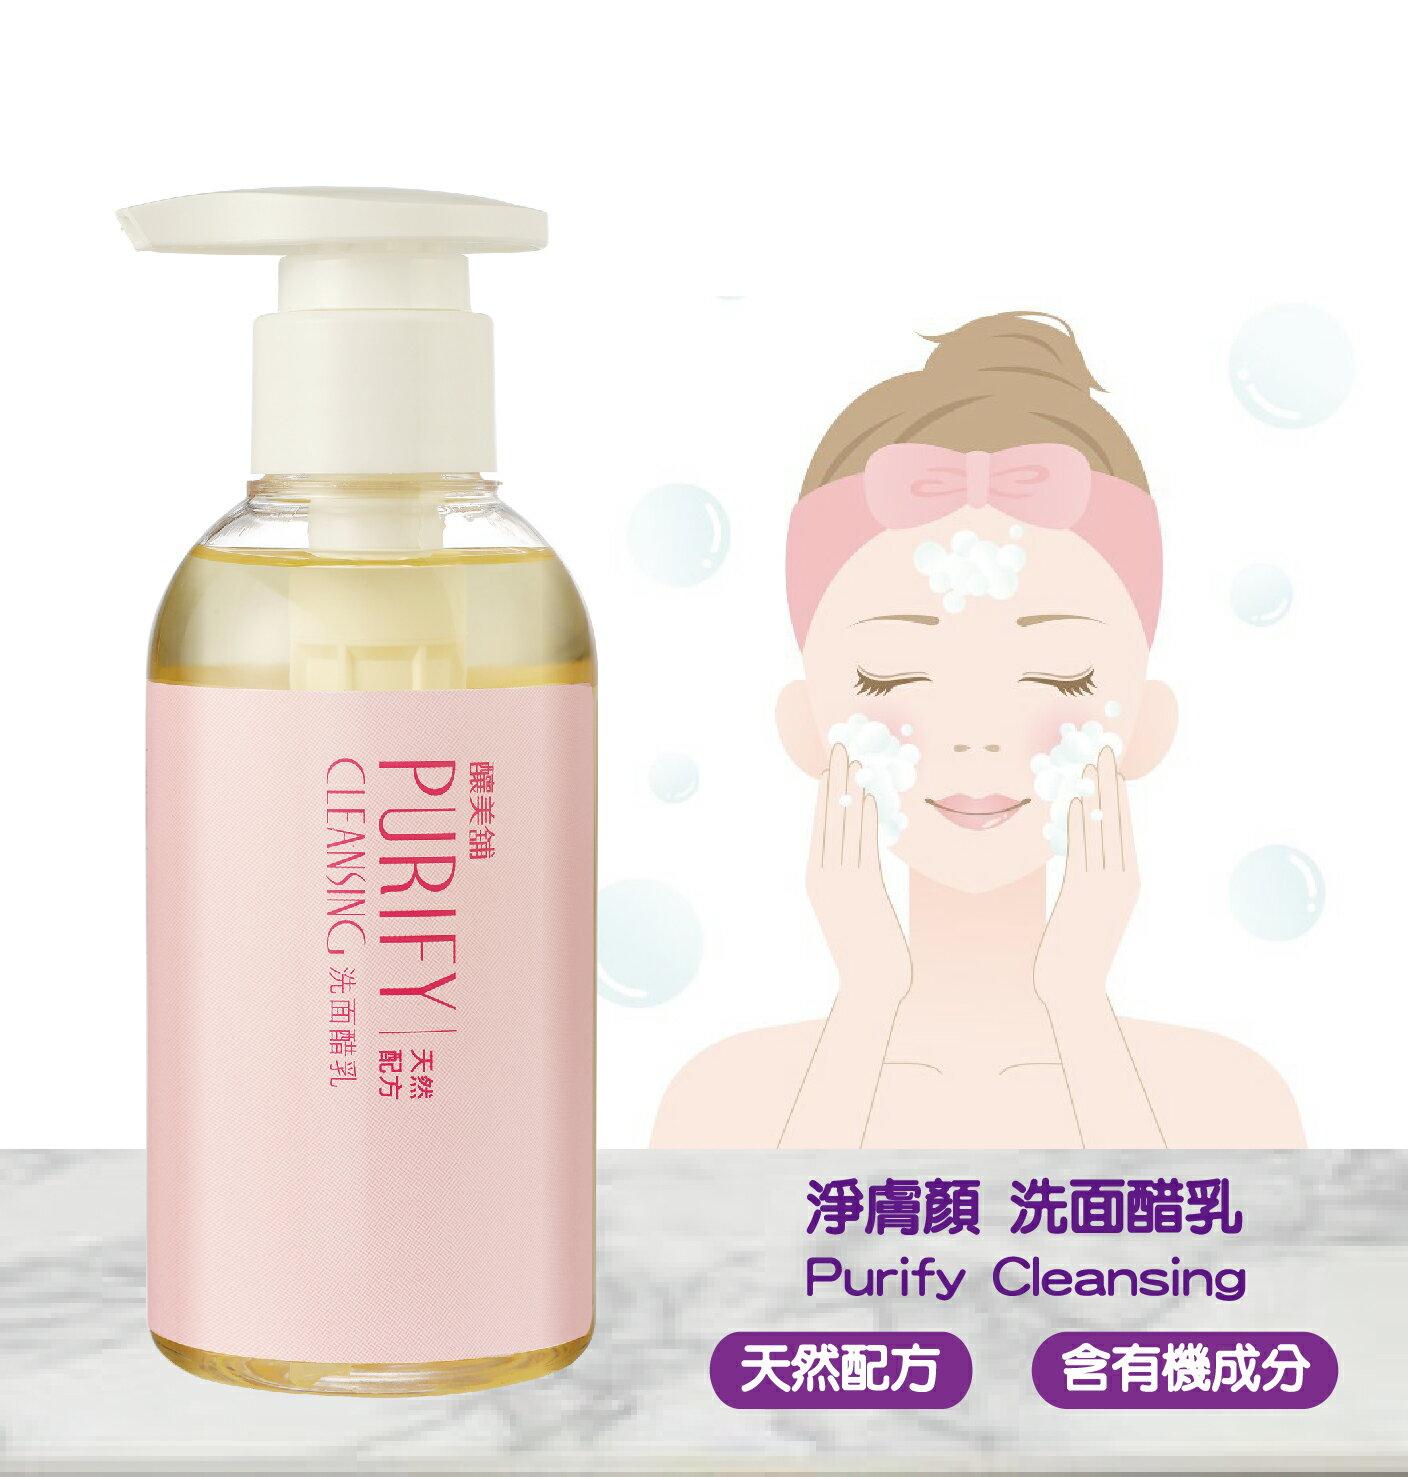 【釀美舖】淨膚顏-洗面乳 2